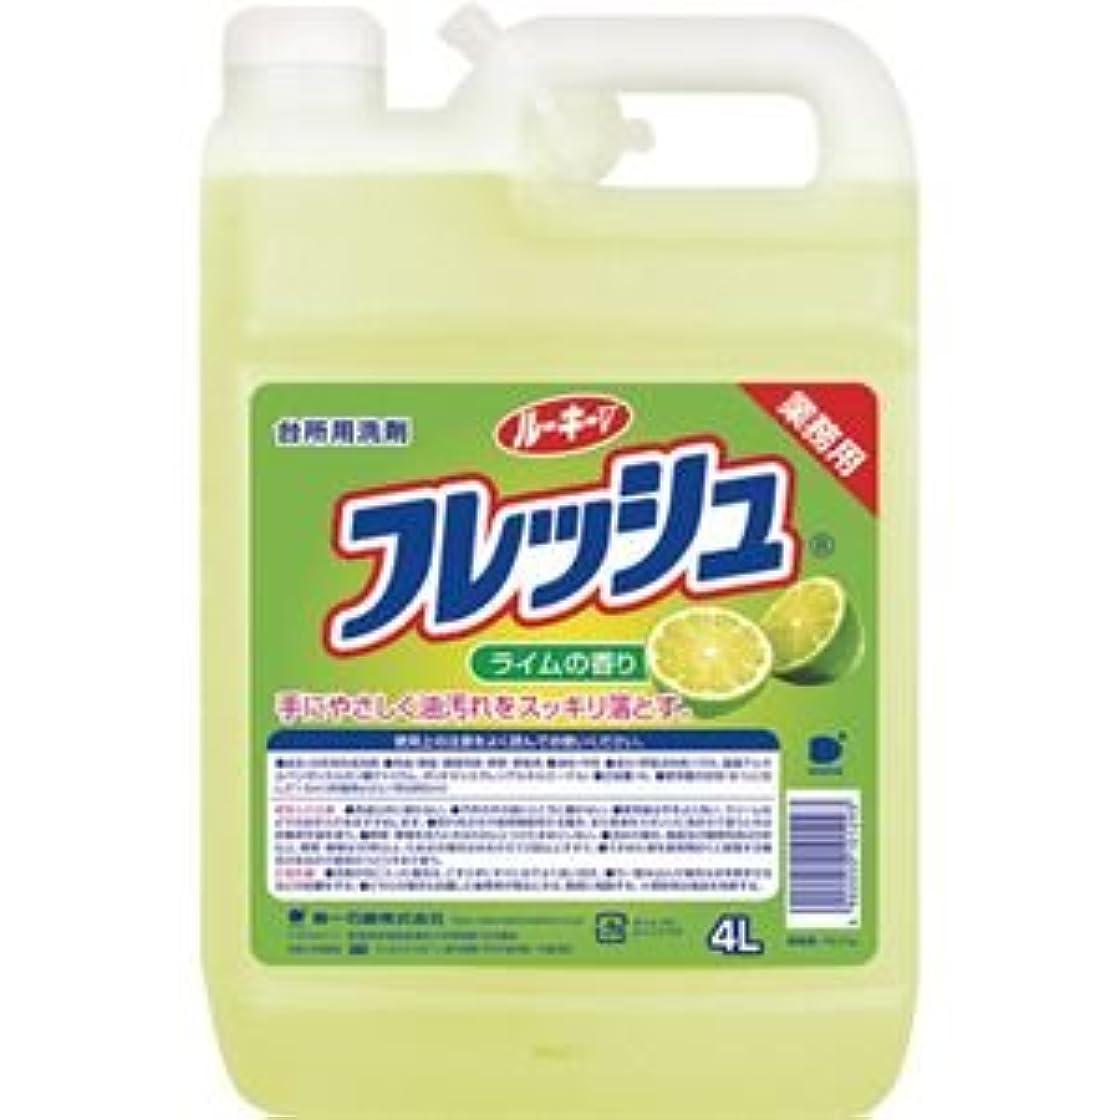 唇ロデオ明るい(まとめ) 第一石鹸 ルーキーVフレッシュ 業務用 4L 1本 【×5セット】